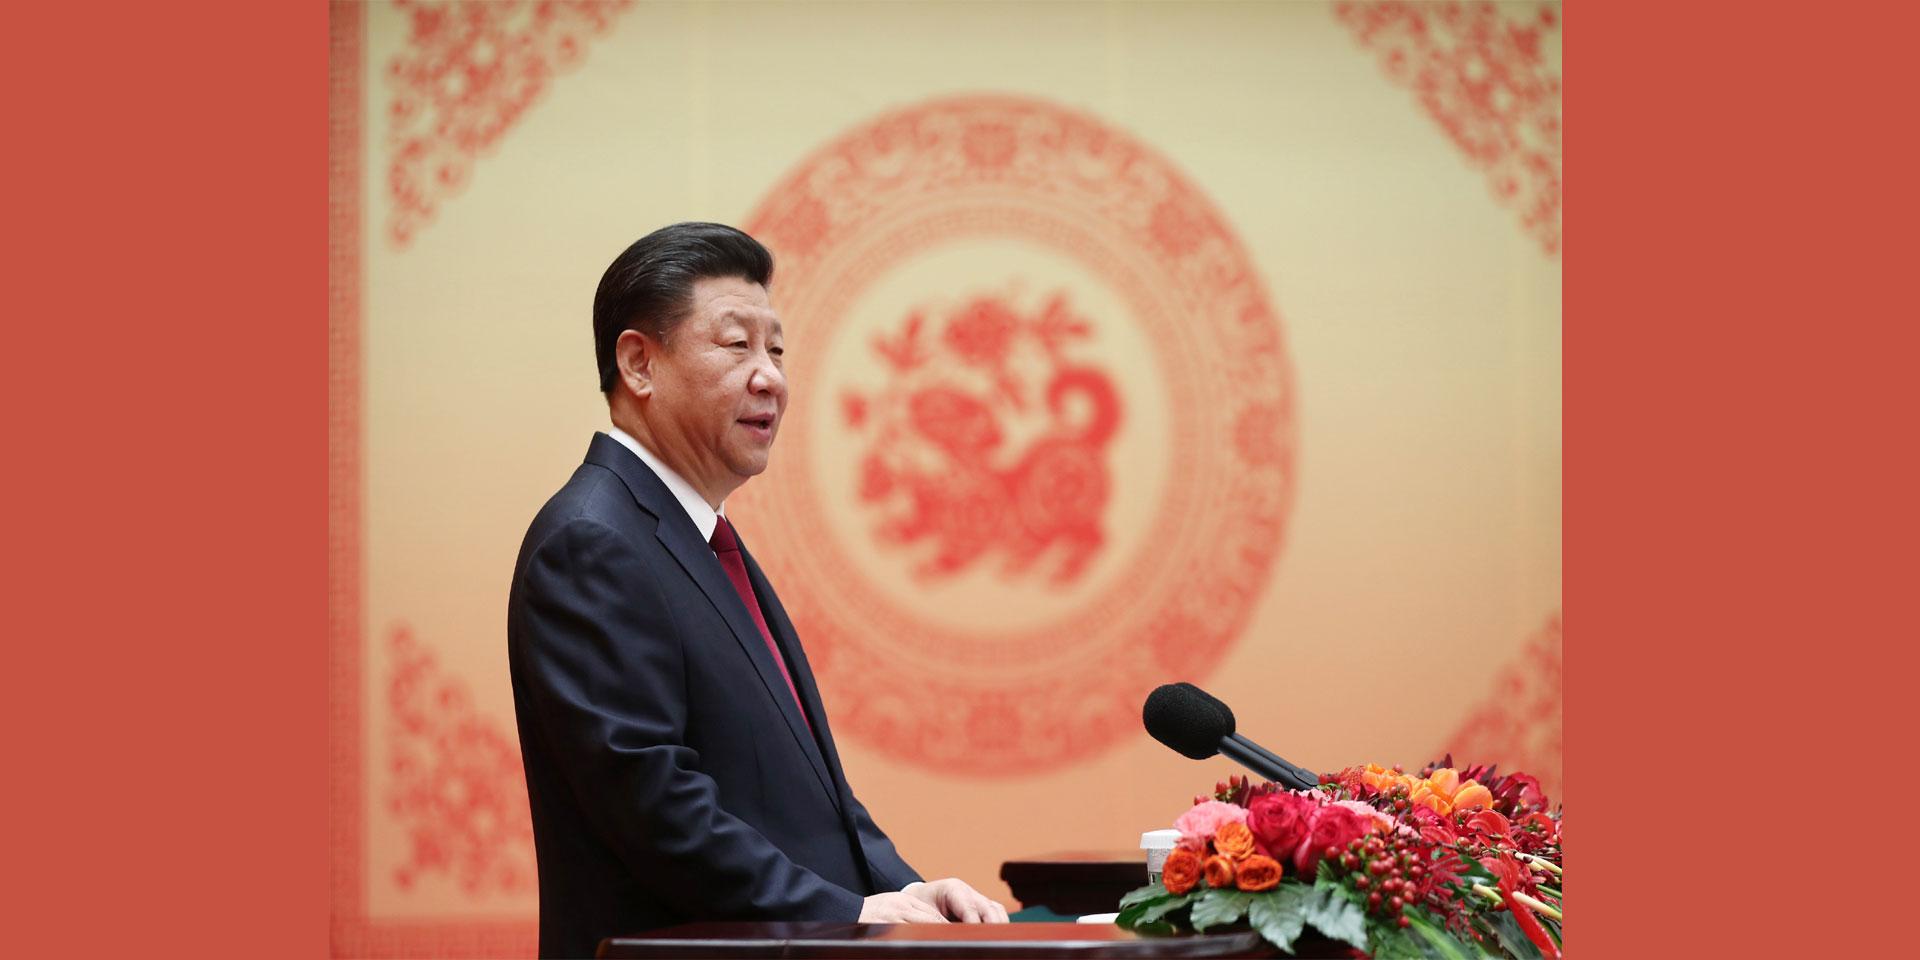 春节是新的开始,预示着新的希望。